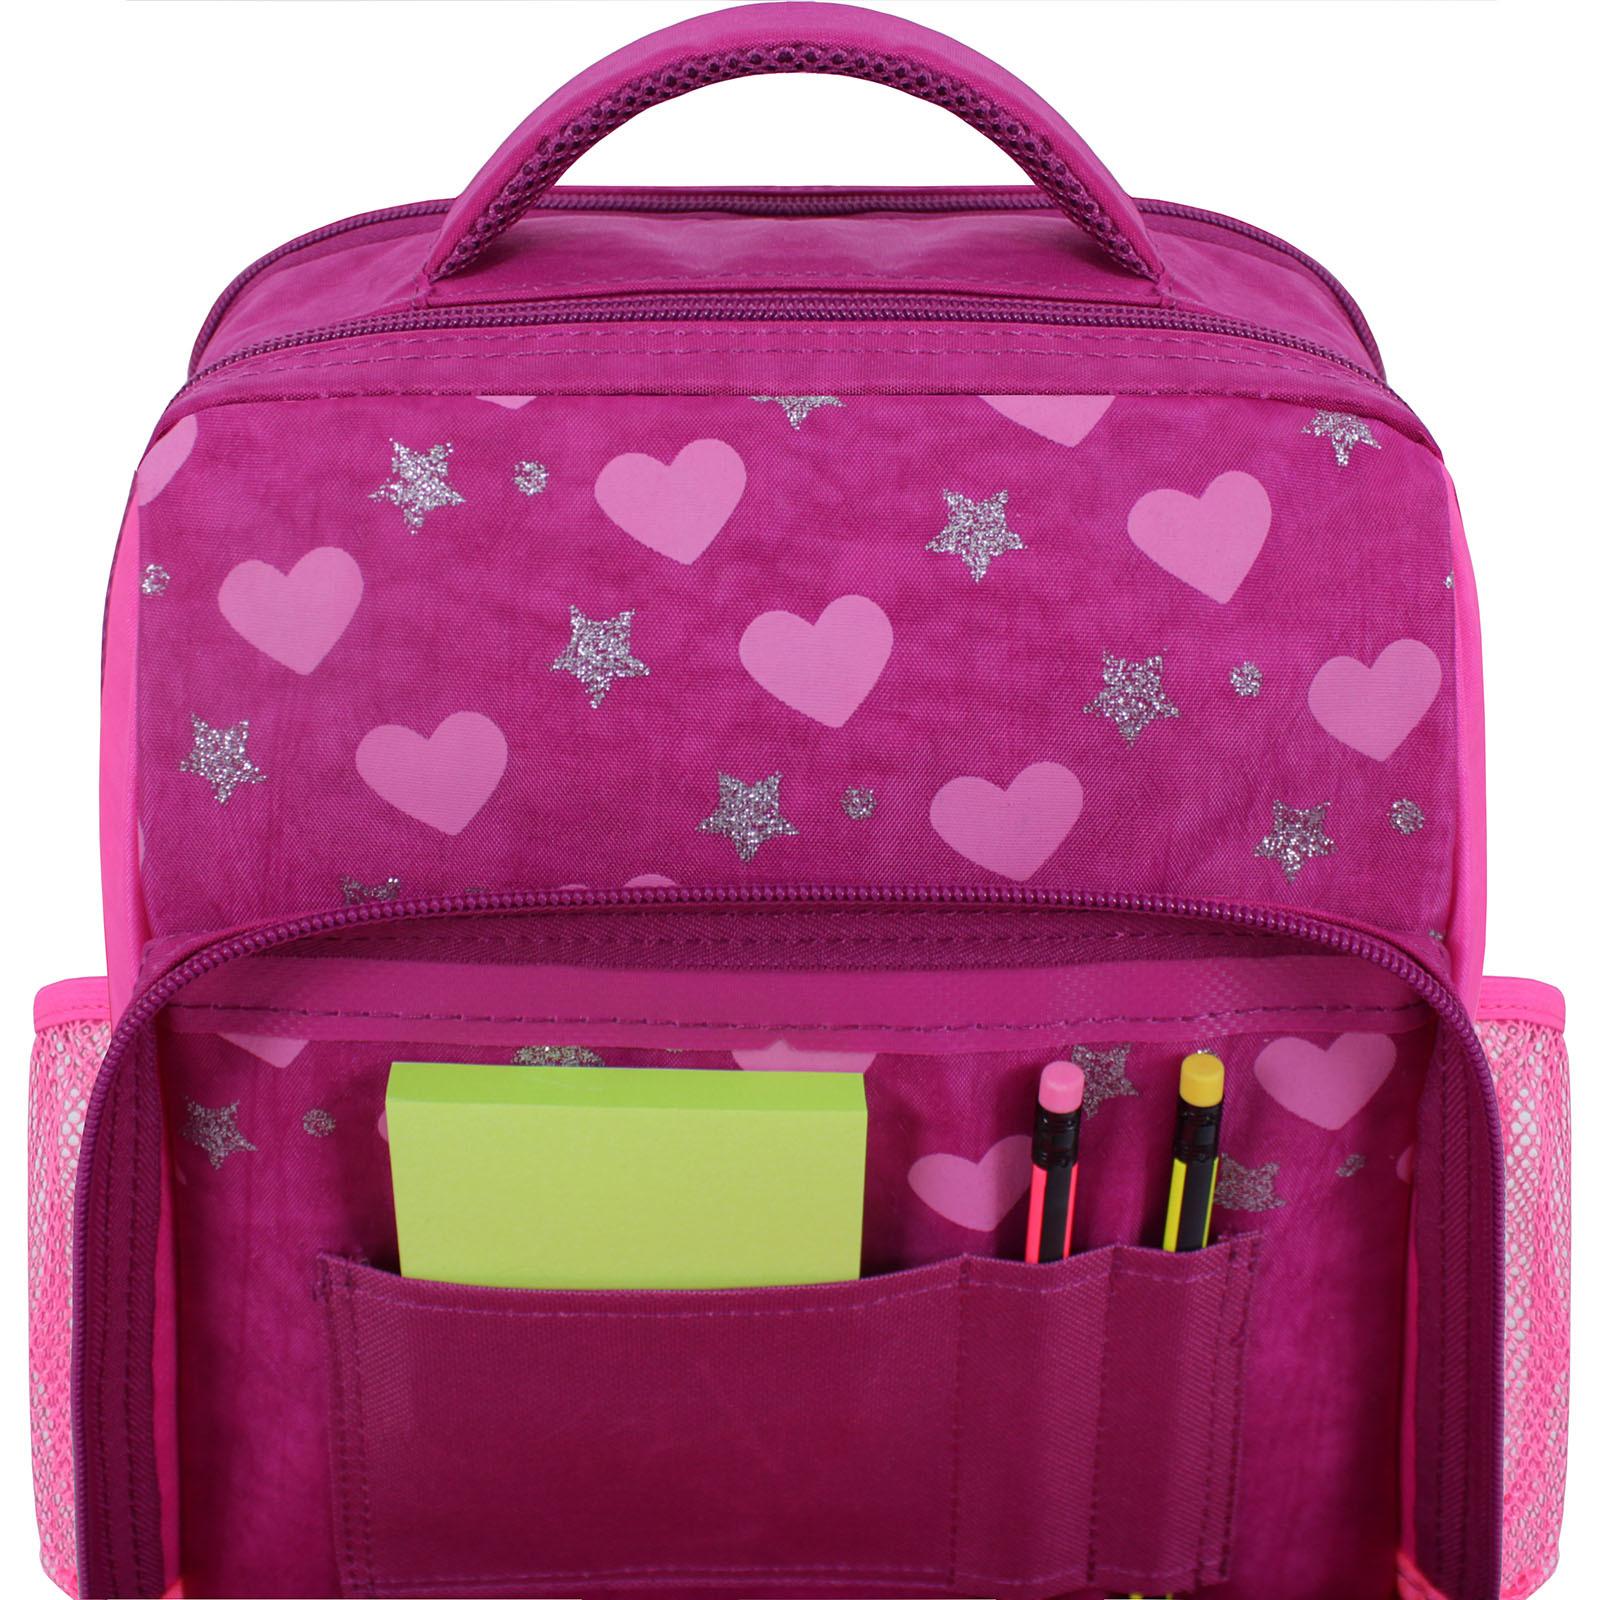 Рюкзак школьный Bagland Школьник 8 л. 143 малина 504 (00112702) фото 4